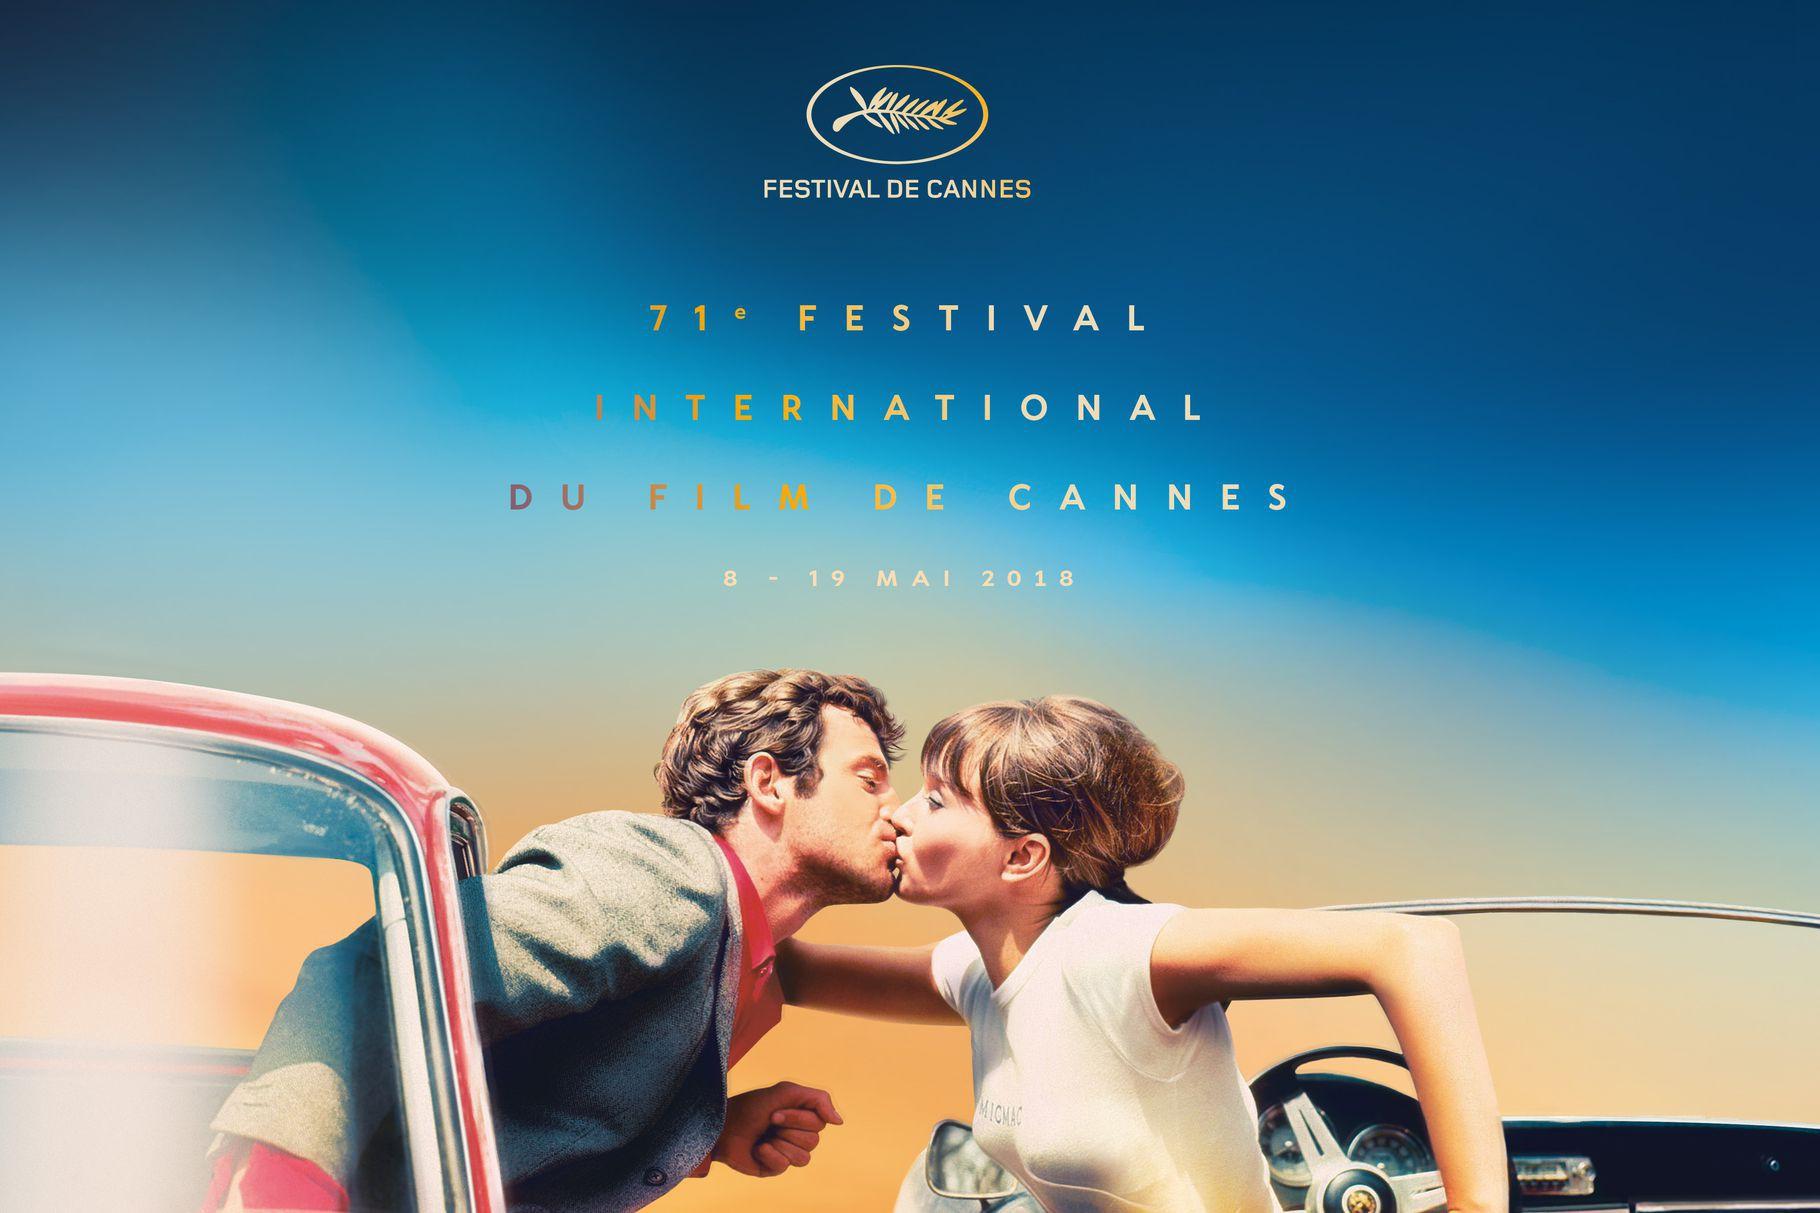 Vì sao Cannes được đánh giá là sự kiện quan trọng nhất làng điện ảnh? - Ảnh 1.